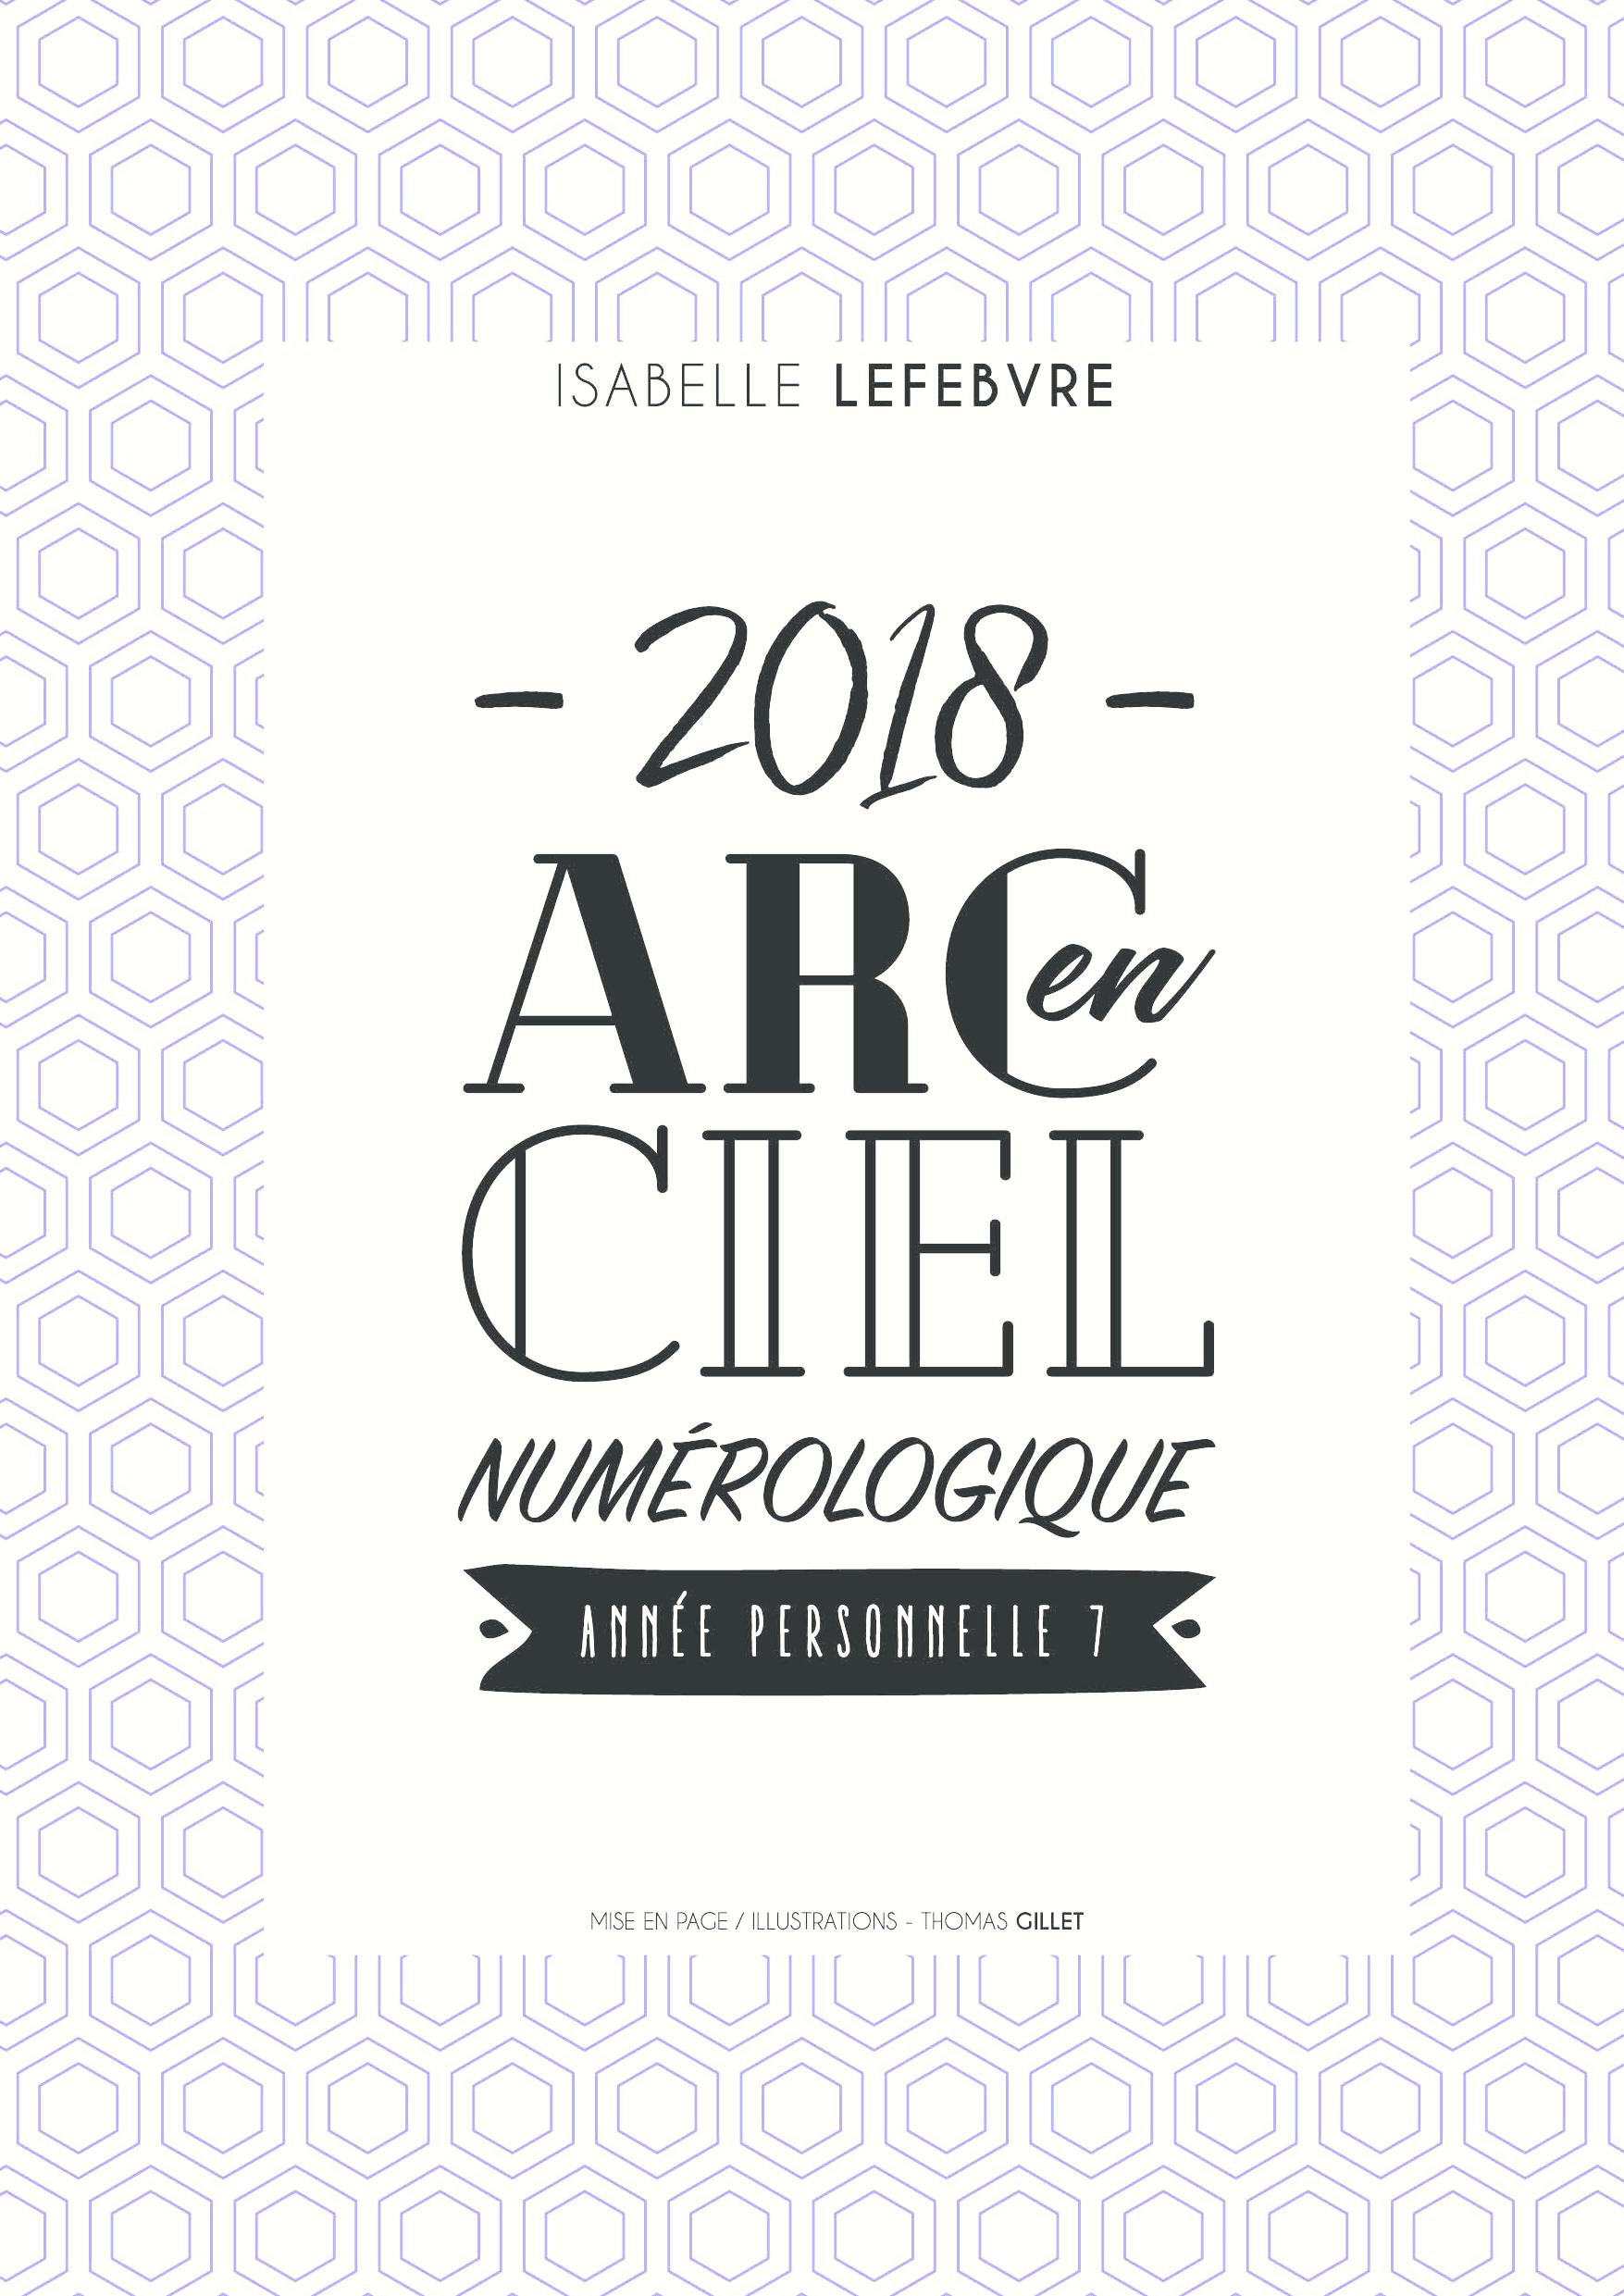 L'Arc en ciel Numérologique 2018 - 7